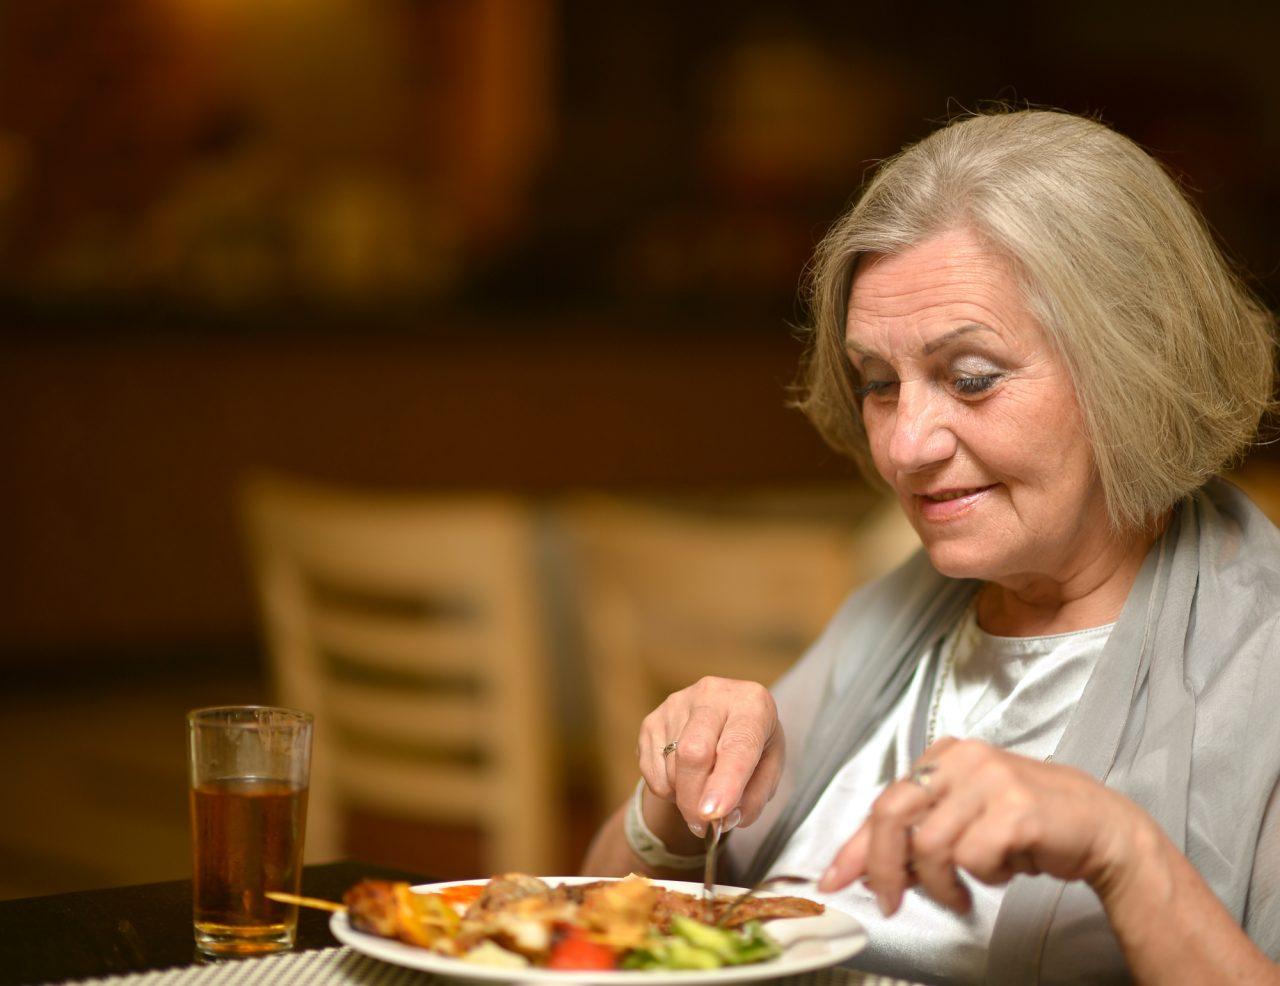 La optimización de la ingesta de proteínas en personas mayores durante procesos catabólicos